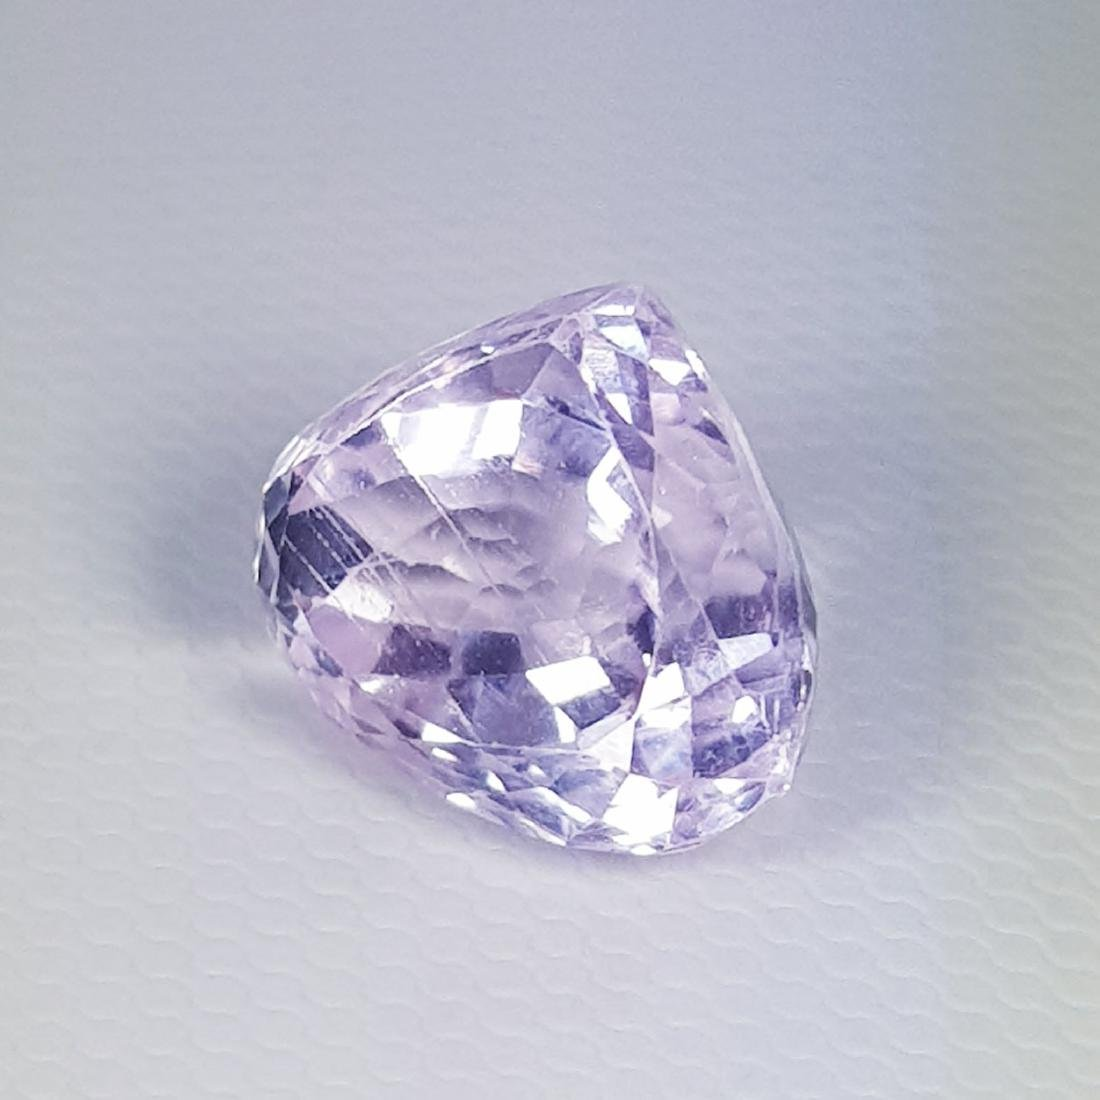 Natural Pink Kunzite Pear Cut 8.30 ct - 4